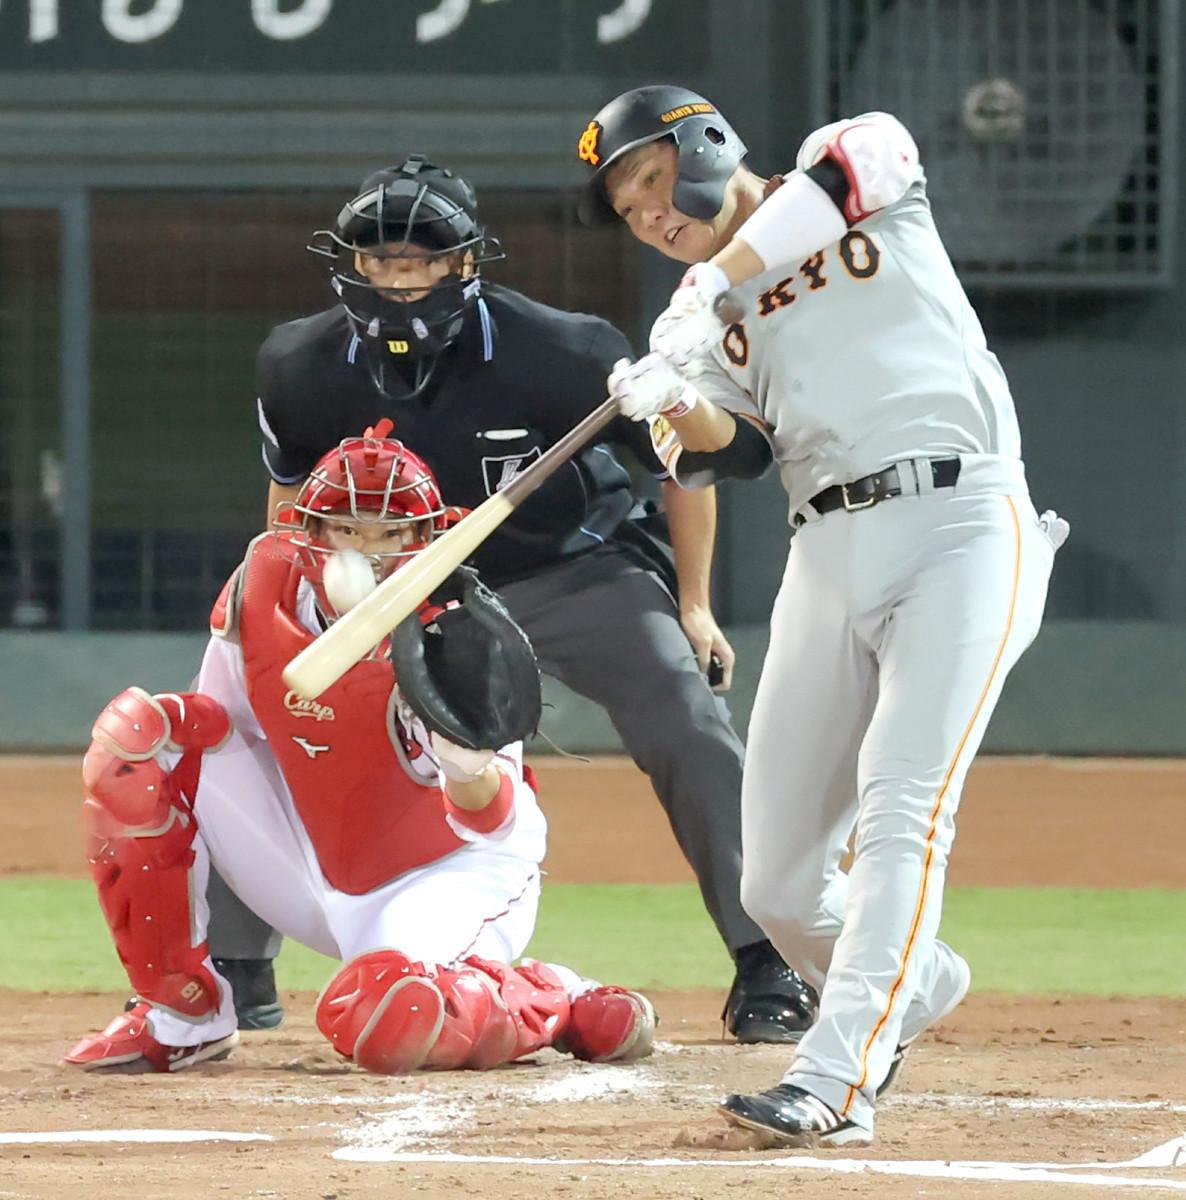 まで あと 坂本 安打 2000 何 本 勇人 本 坂本勇人は何部門で現役最多? 三塁打最多は?